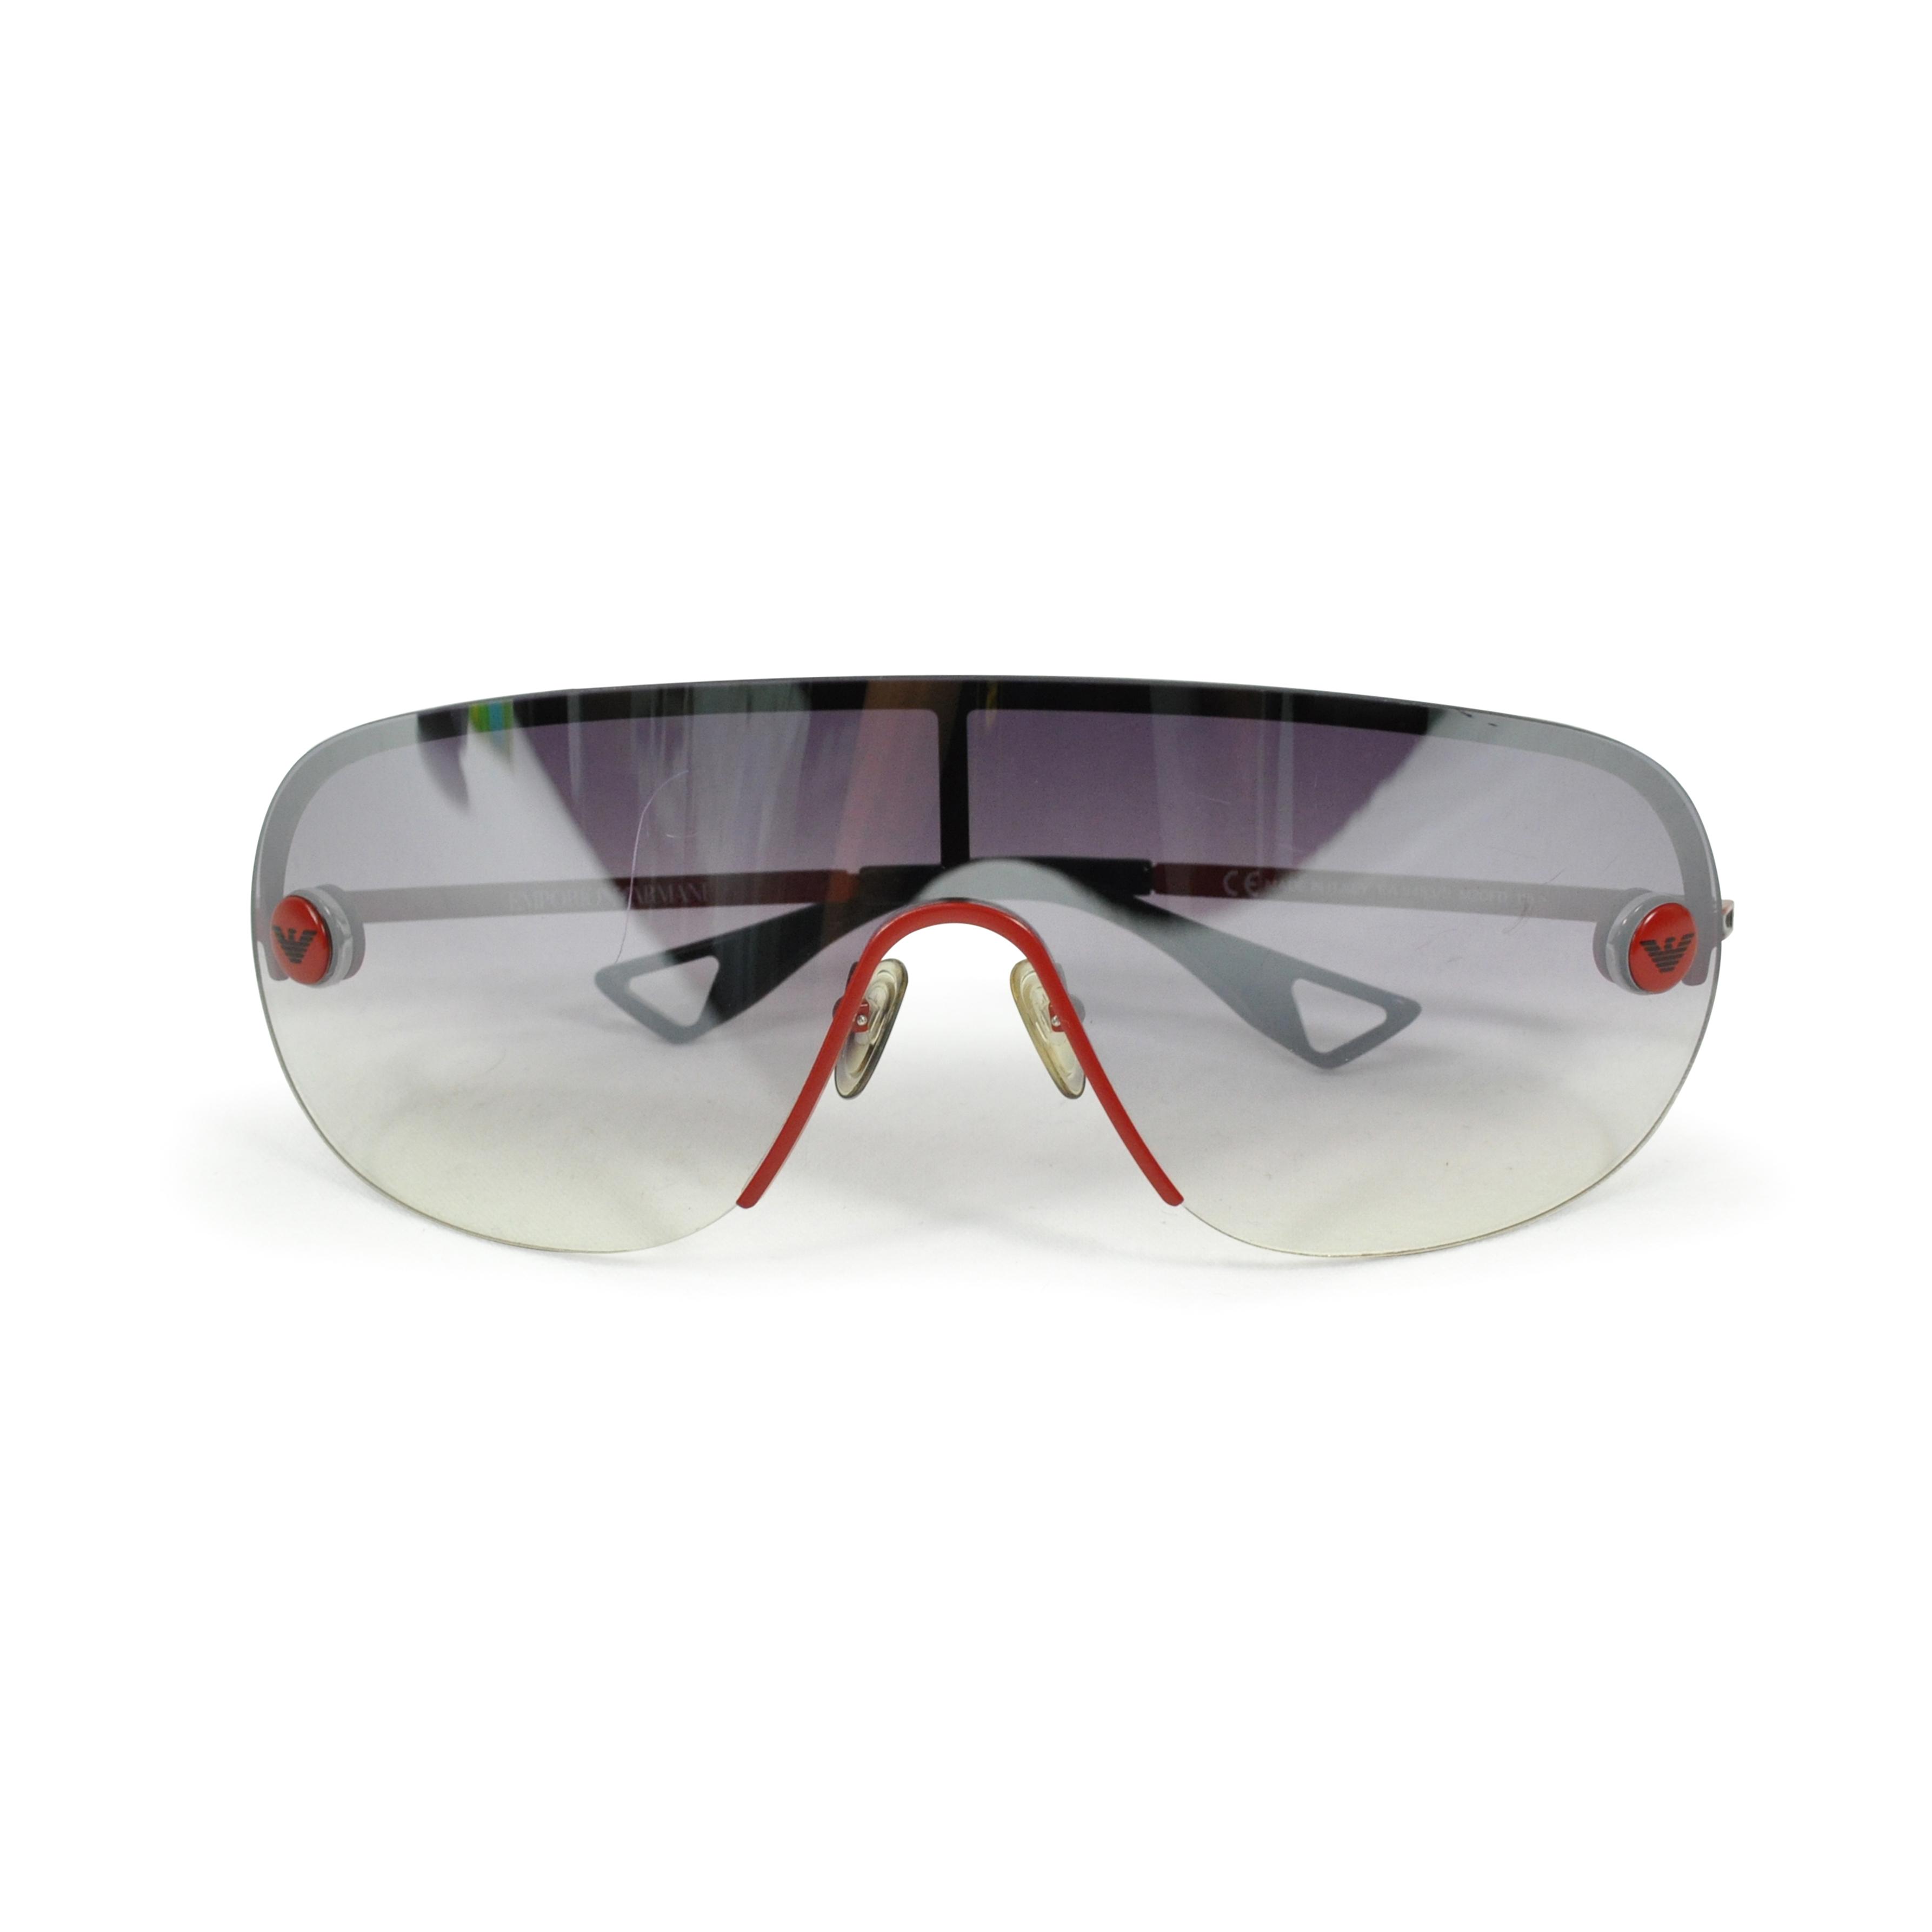 63735a61f6a2 Authentic Second Hand Giorgio Armani Men s Sunglasses (PSS-200-00370 ...